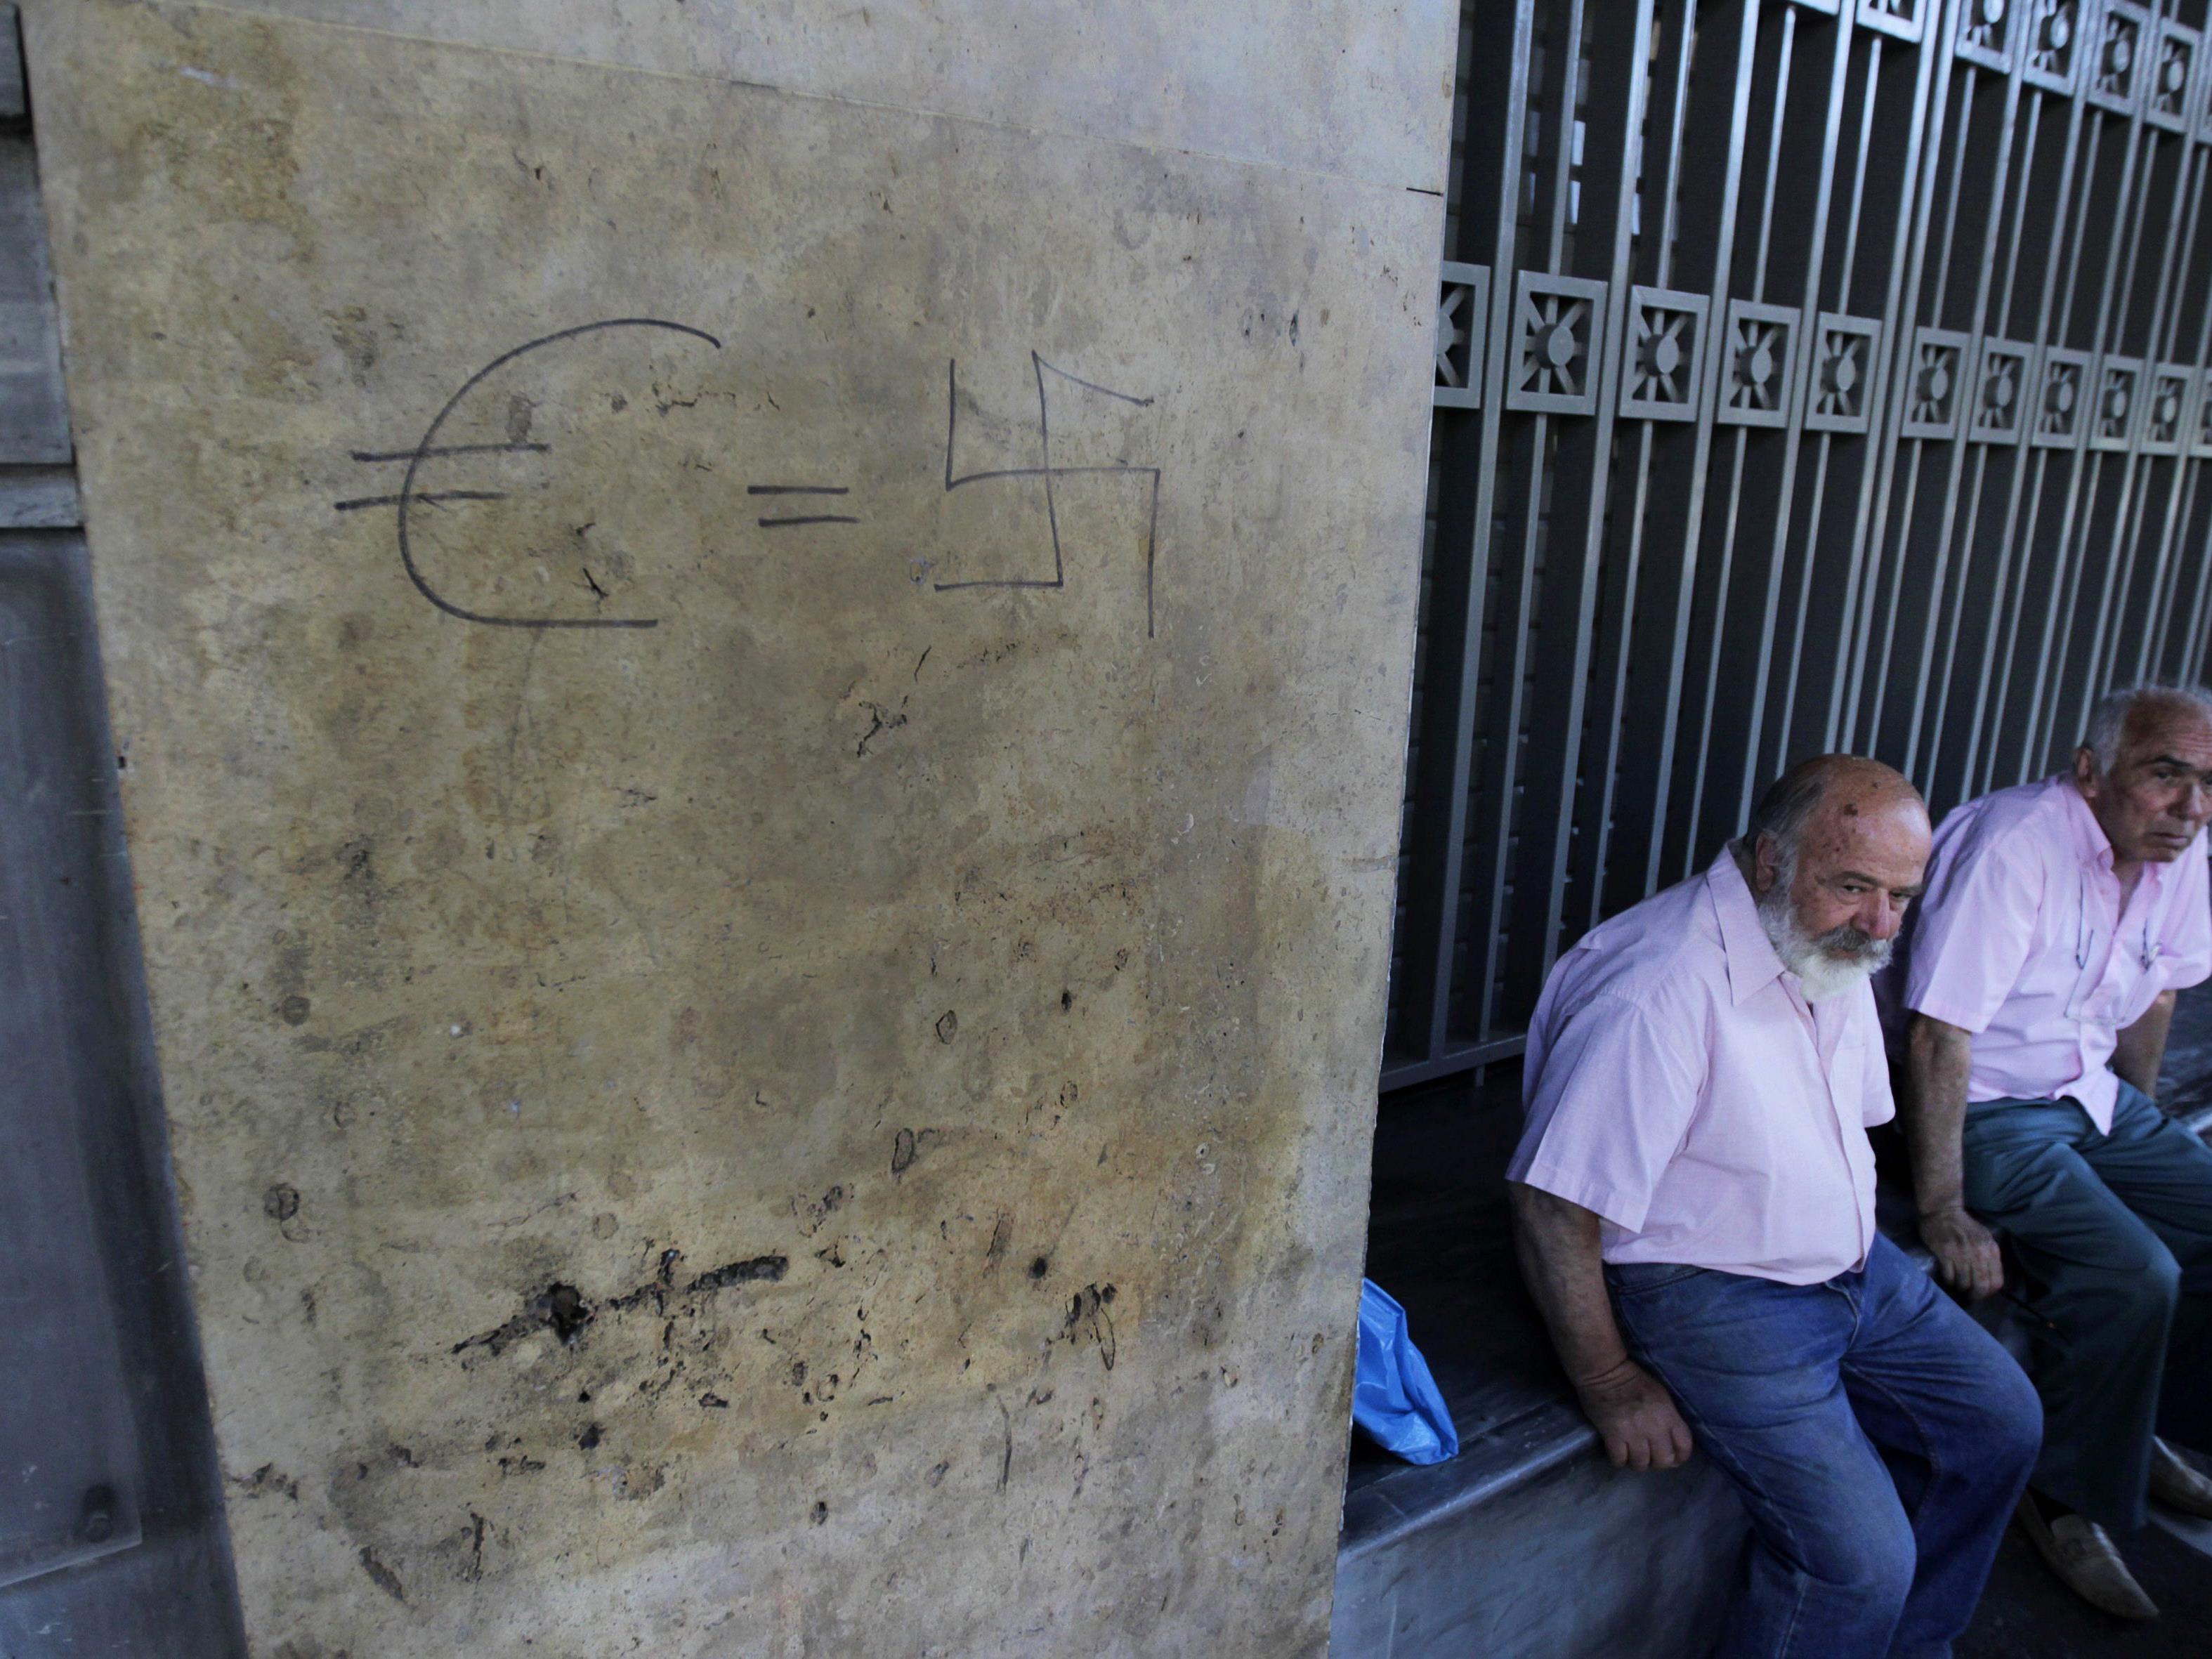 Zwei Pensionisten vor einer geschlossenen Bank. Ein Graffiti an der Wand setzt den Euro mit dem Nationalsozialismus gleich.